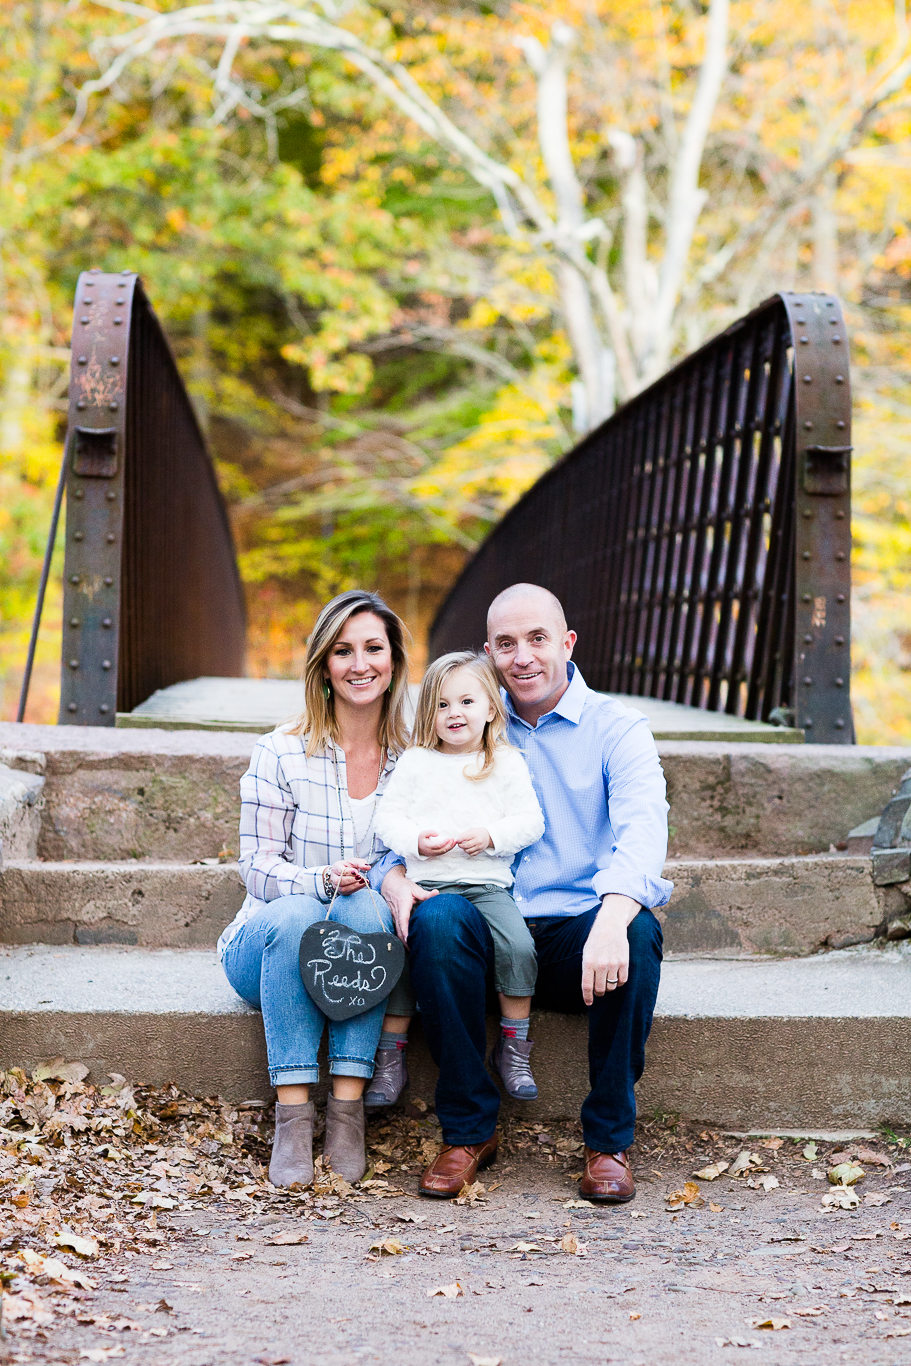 clytie-sadler-photography-fall-family-portraits-010.JPG